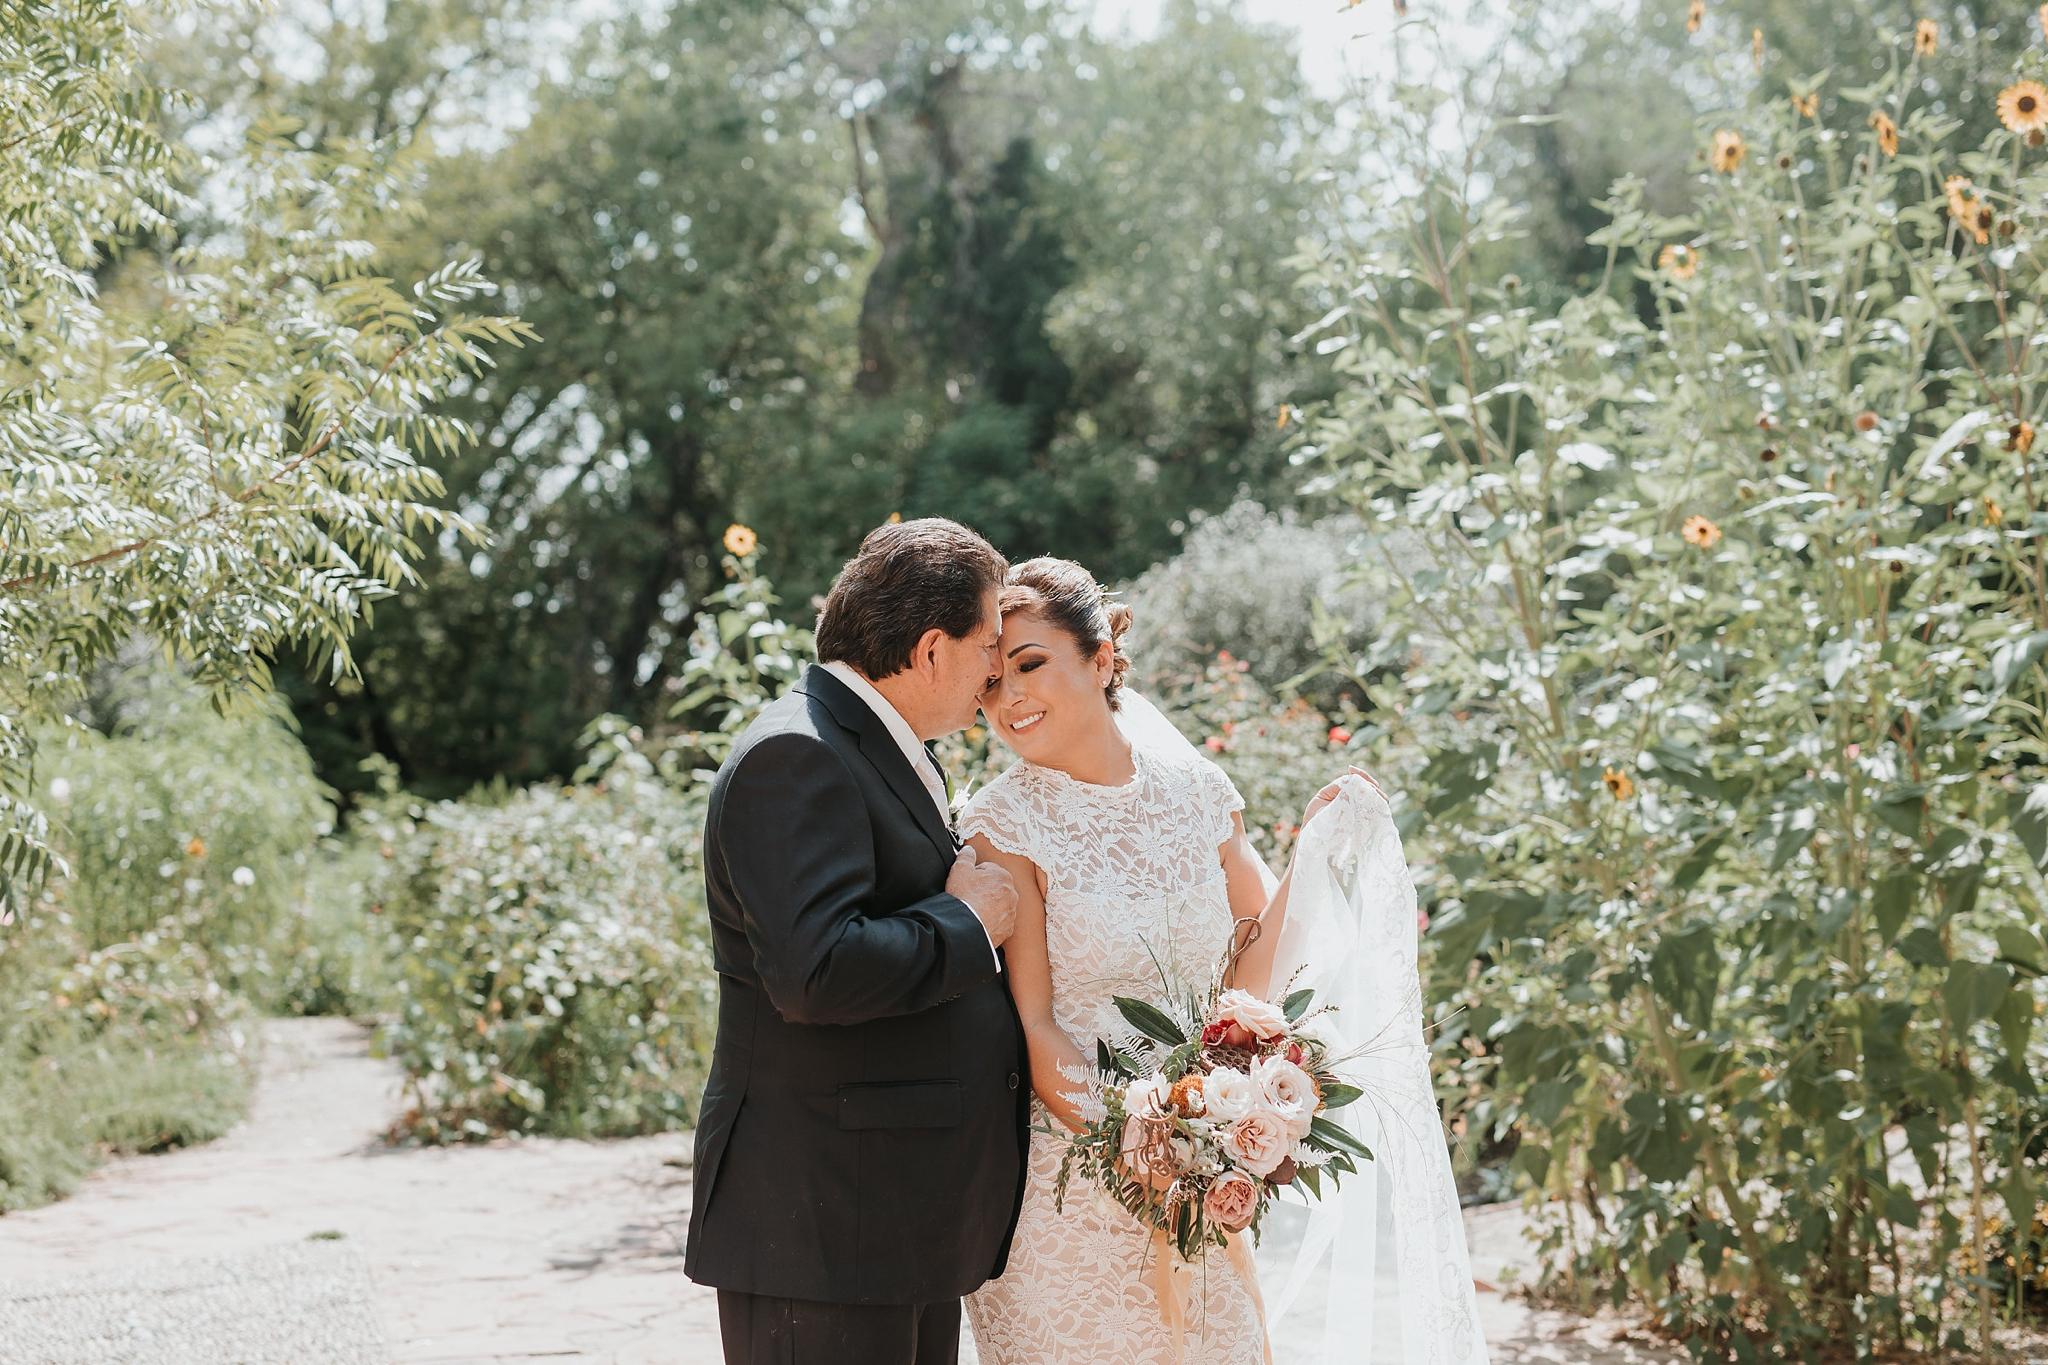 Alicia+lucia+photography+-+albuquerque+wedding+photographer+-+santa+fe+wedding+photography+-+new+mexico+wedding+photographer+-+new+mexico+wedding+-+wedding+makeup+-+makeup+artist+-+wedding+makeup+artist+-+bridal+makeup_0028.jpg